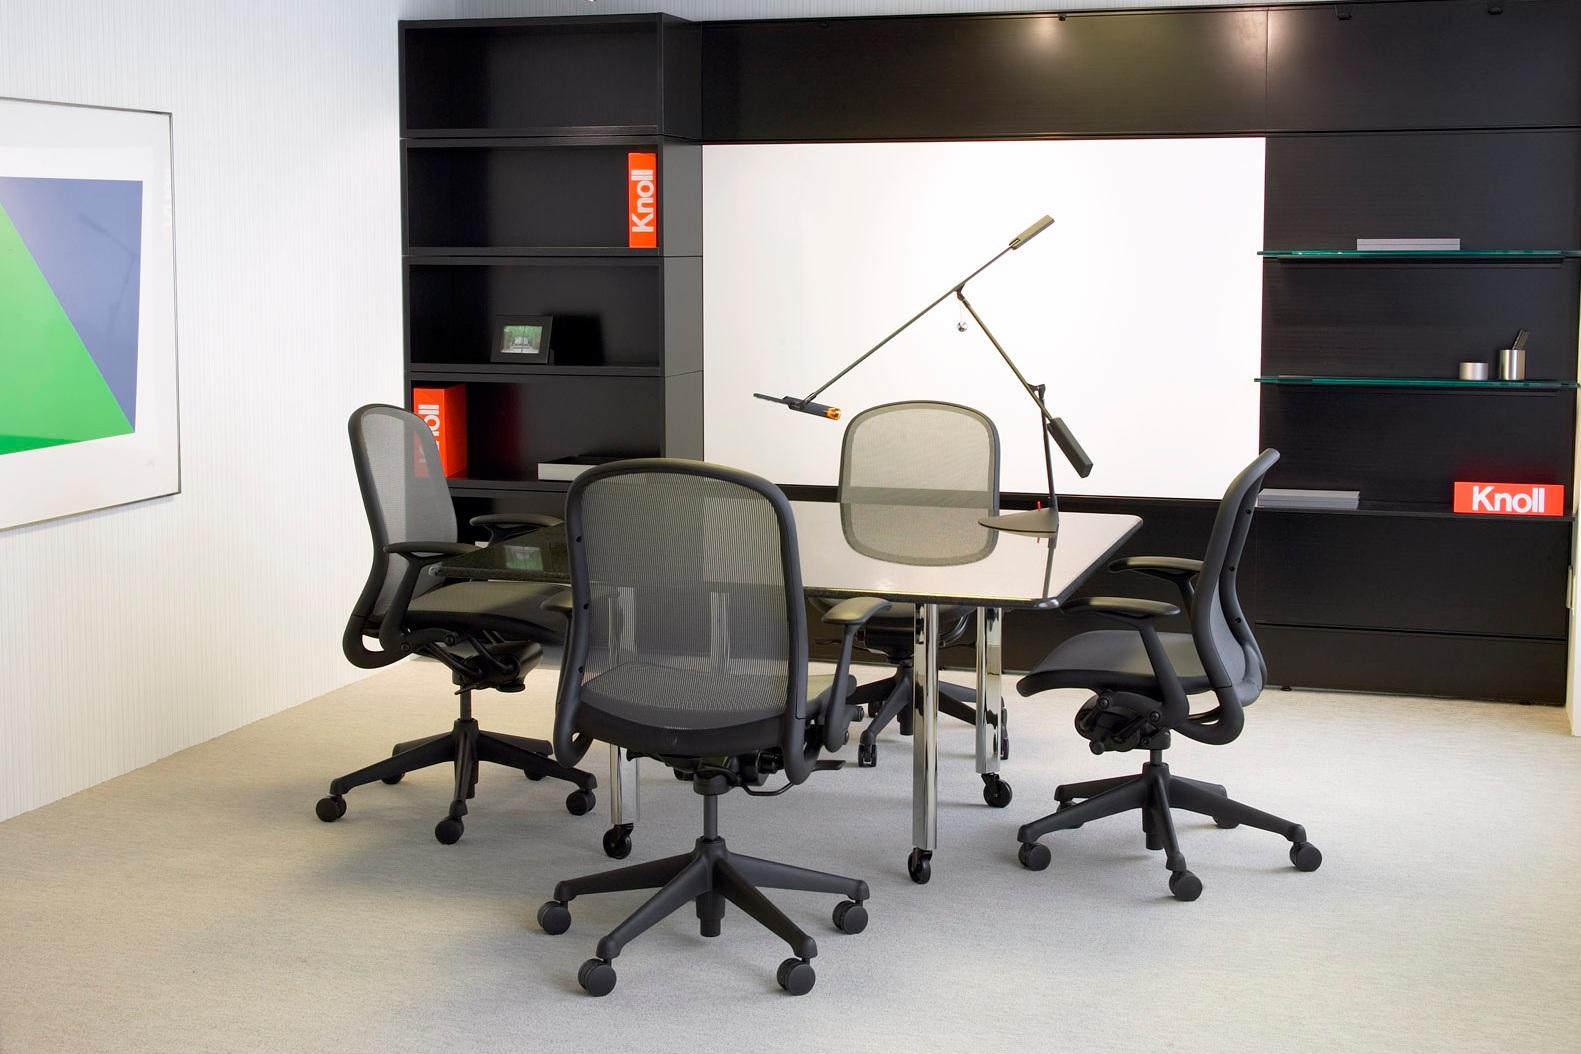 $$ - Chadwick Task Chair